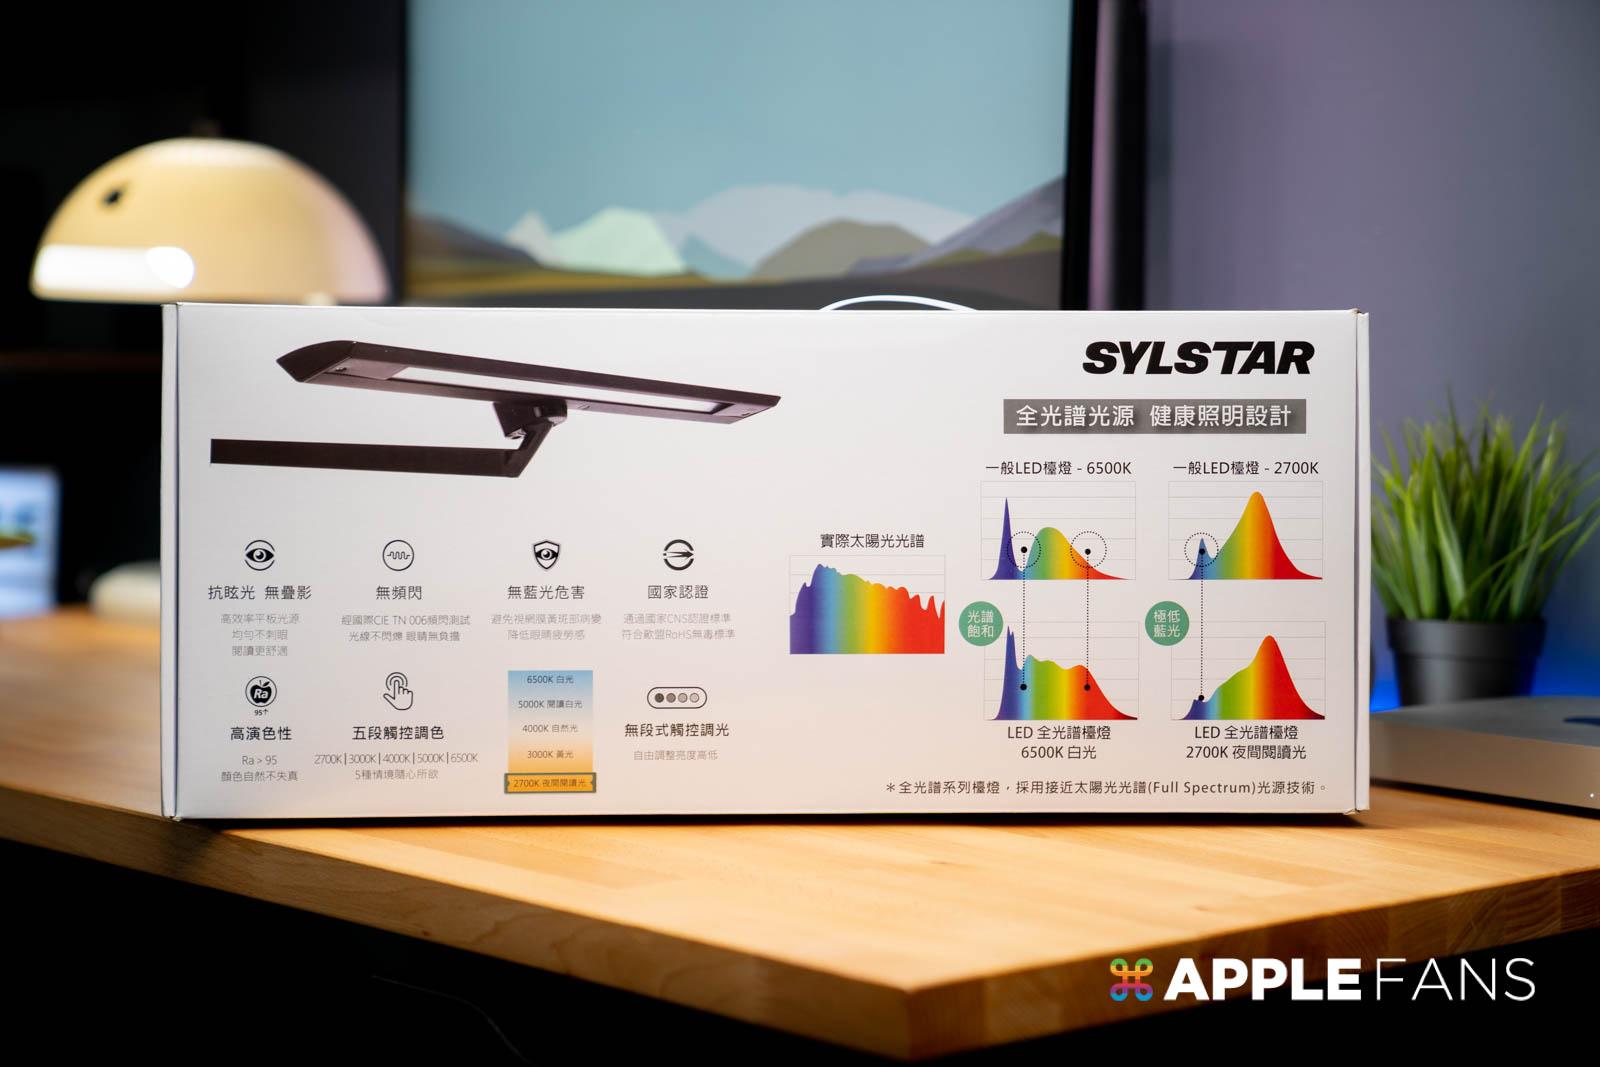 SYLSTAR 喜光 LED 全光譜護眼檯燈